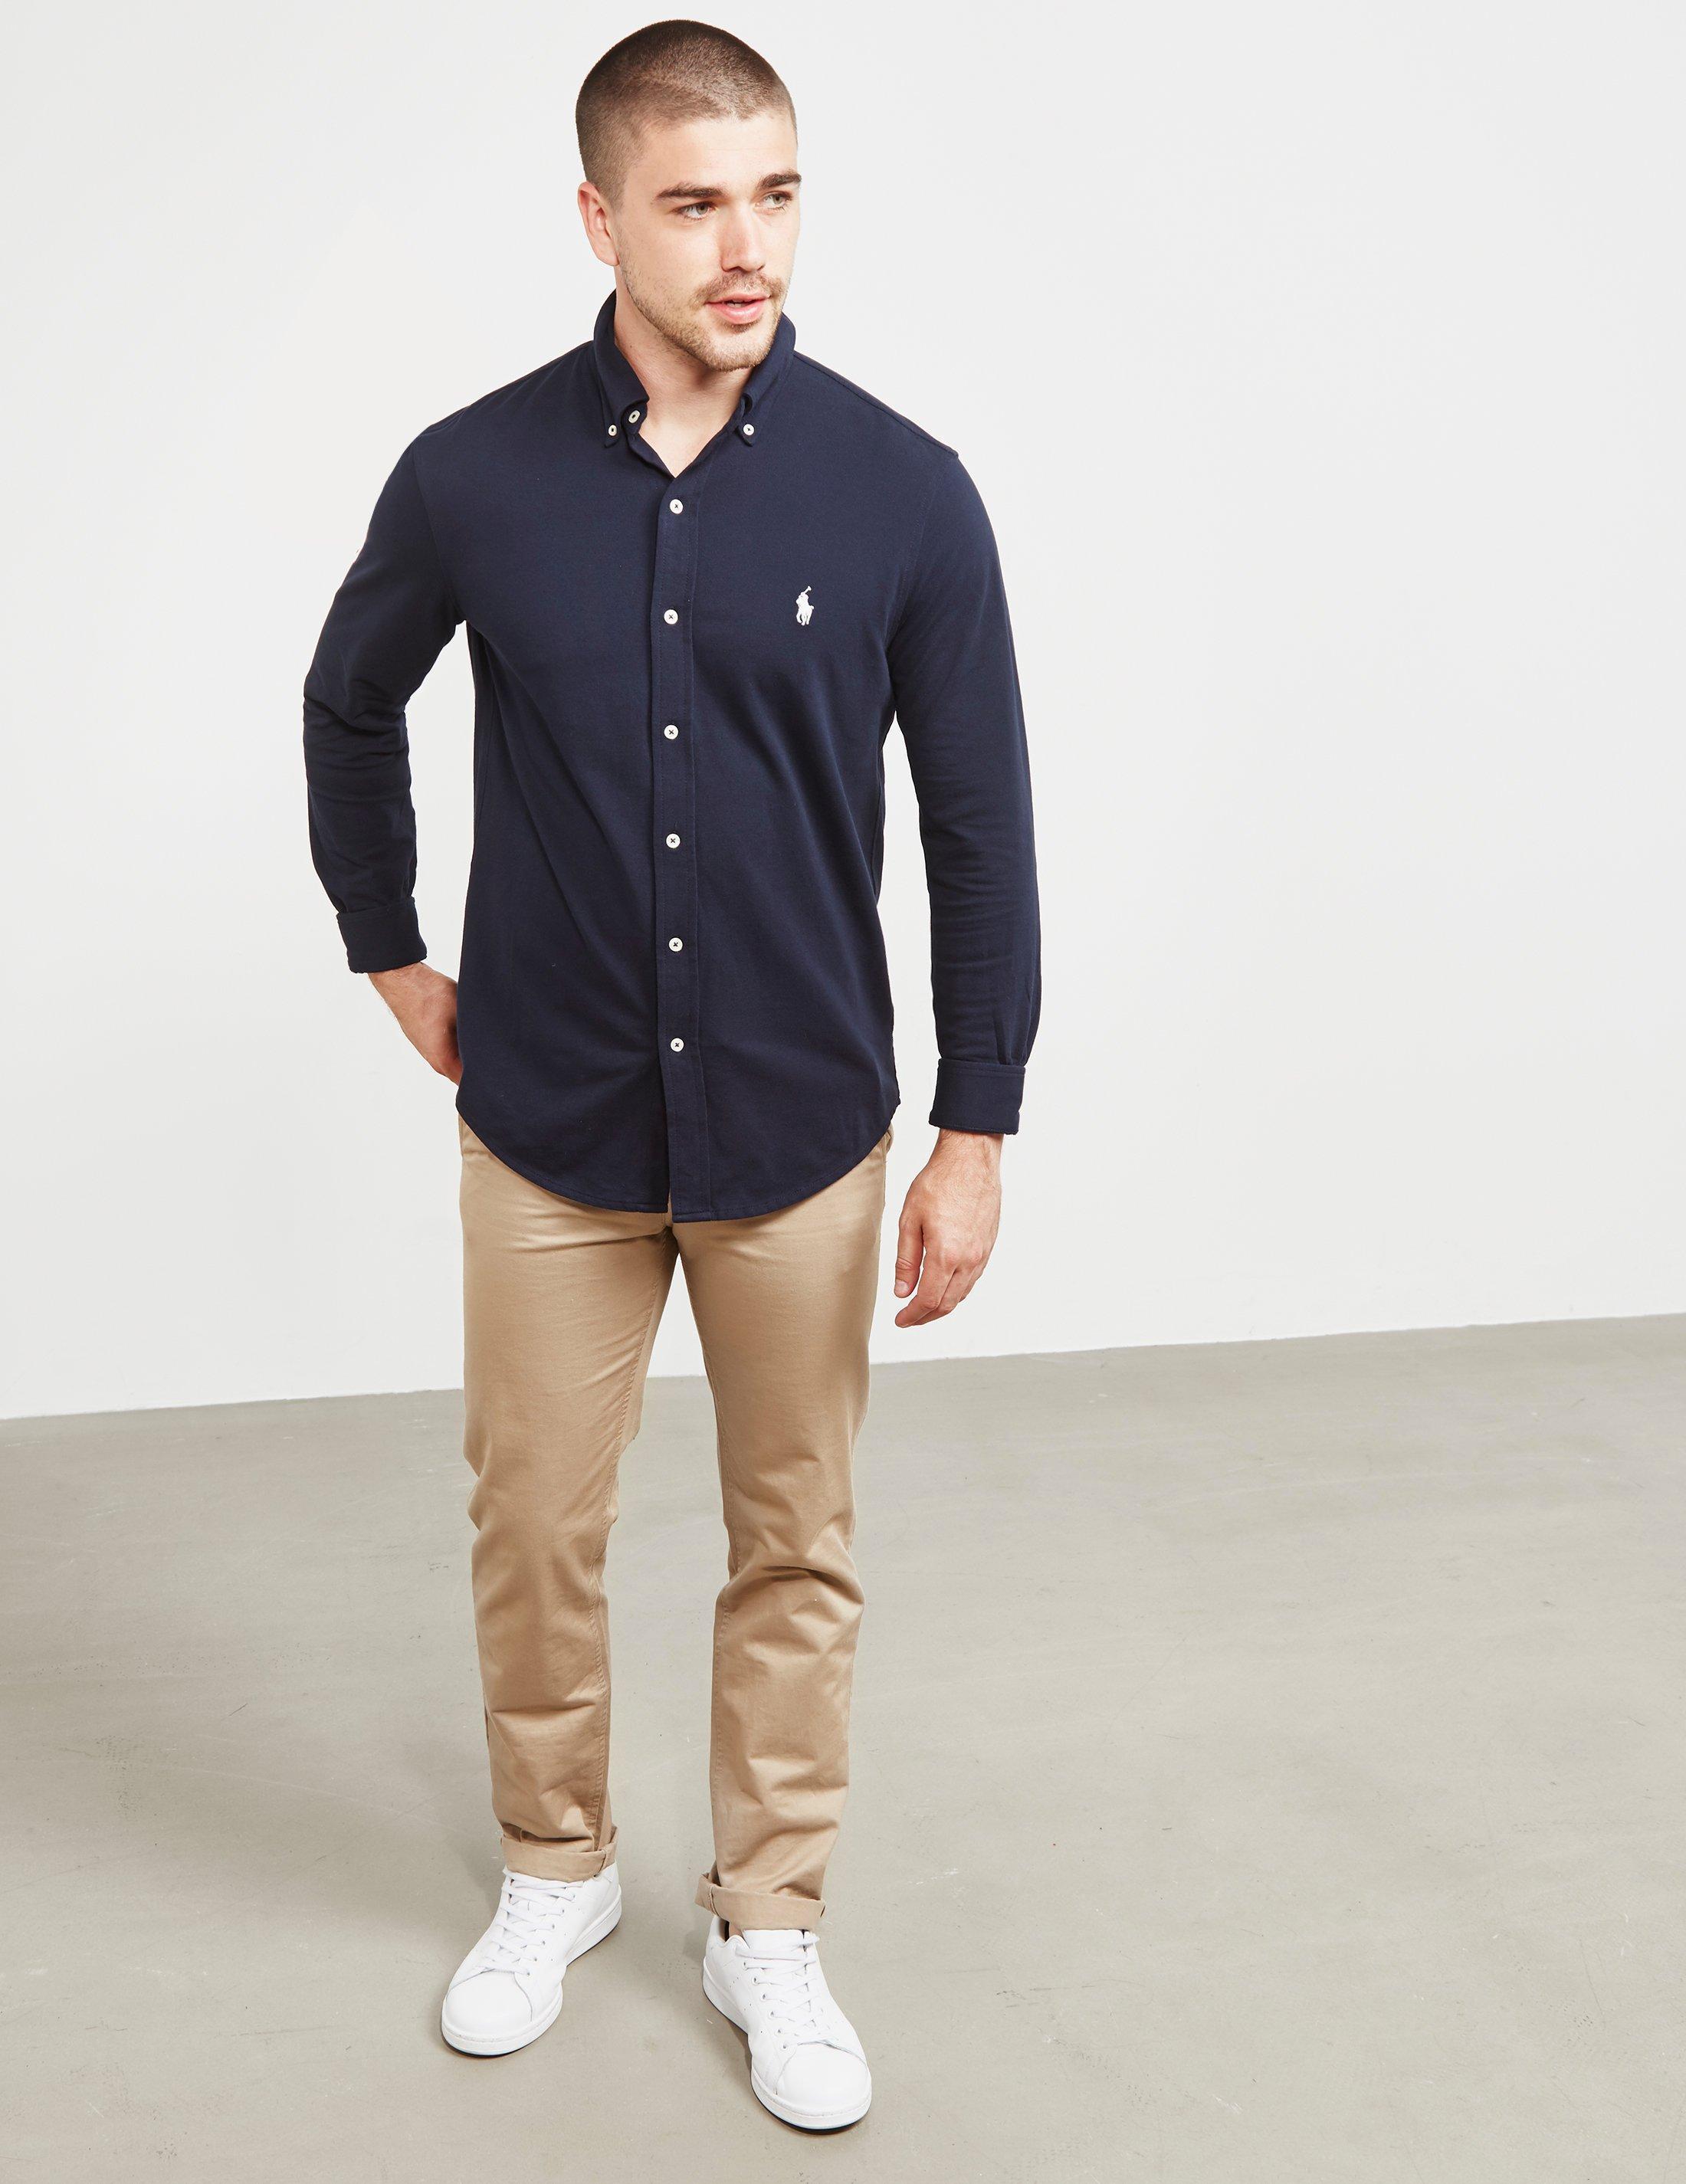 9e0d94a39c883 ... usa polo ralph lauren mens mesh long sleeve shirt navy blue in blue for men  lyst